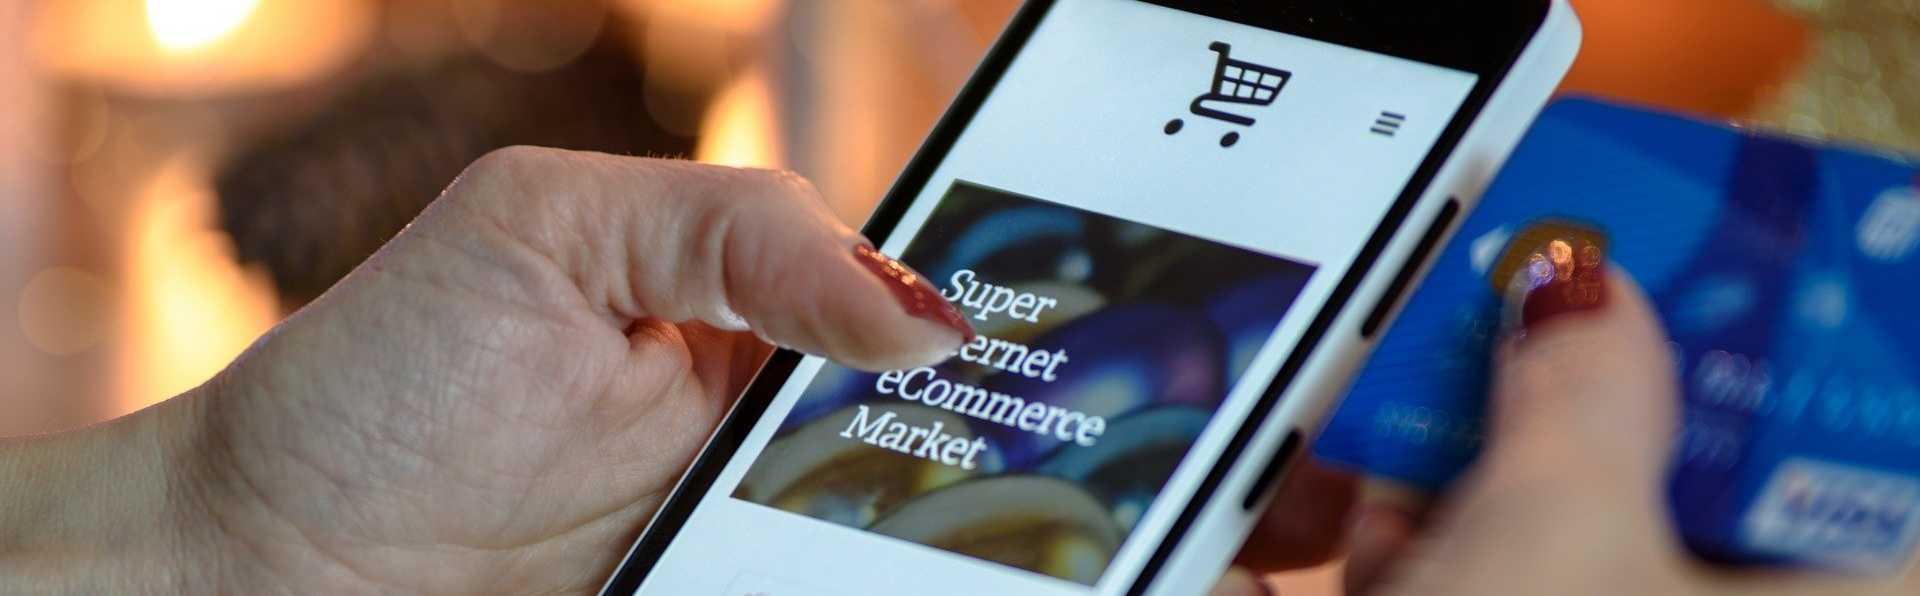 online-shopping-fashionordic.jpeg